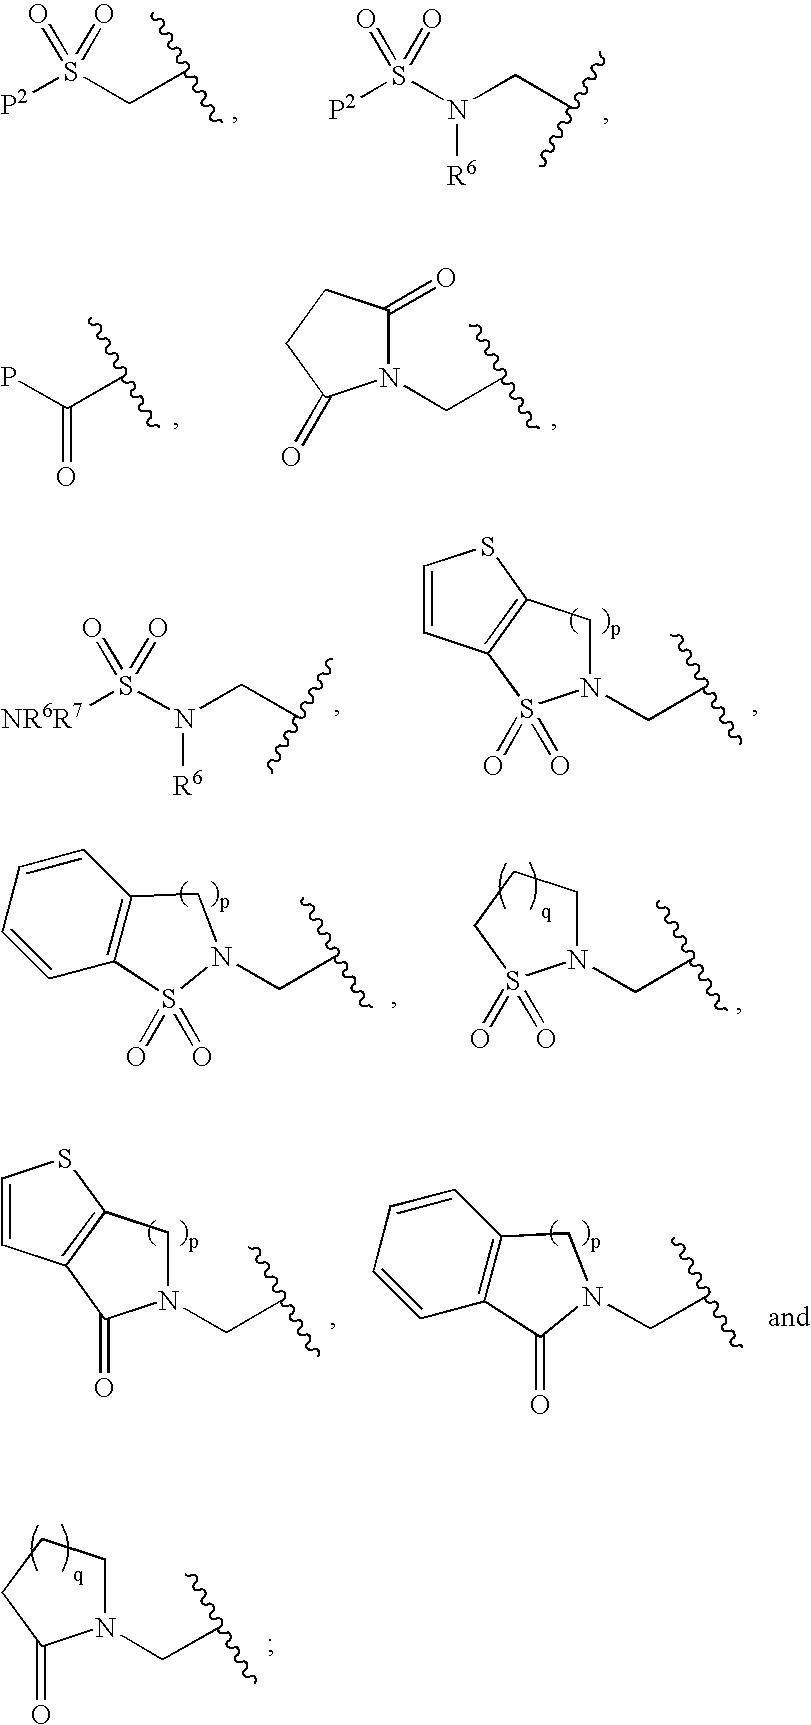 Figure US20060276404A1-20061207-C00192